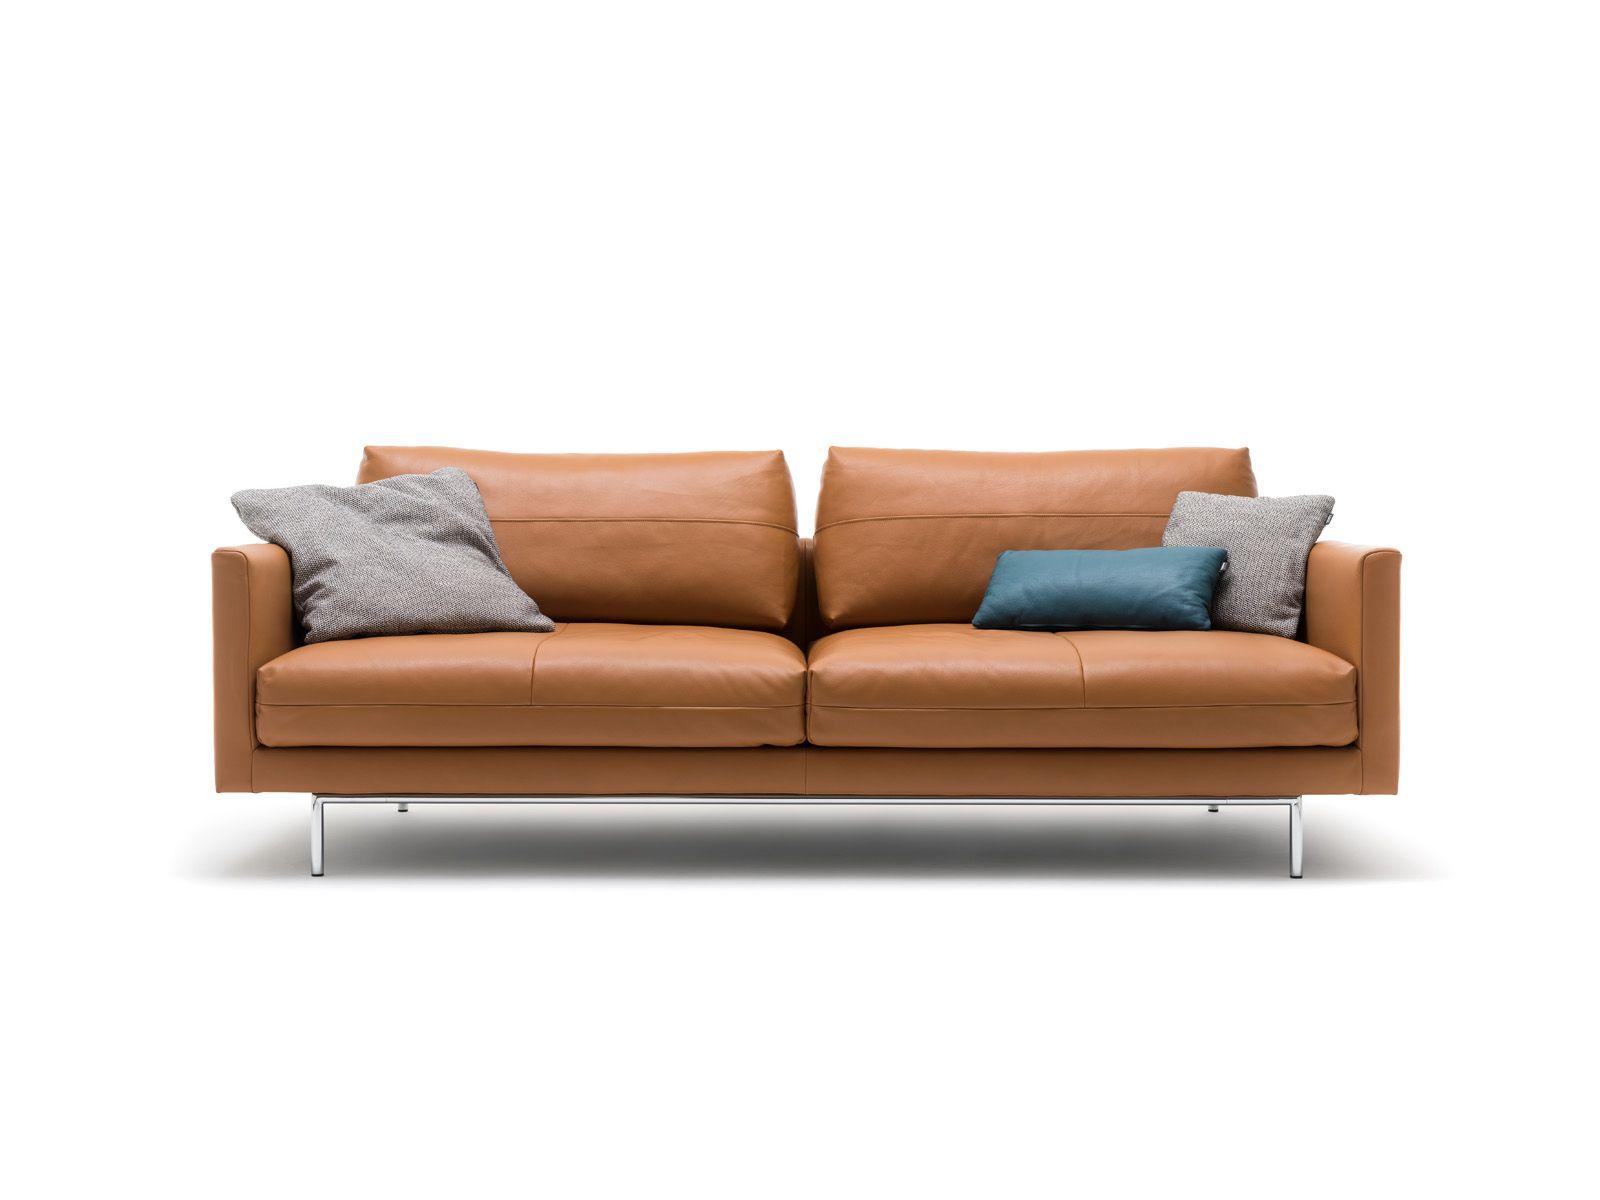 Wunderschön Hülsta Couch Foto Von Hülsta Sofa Hs.414 Sofa über Tief /